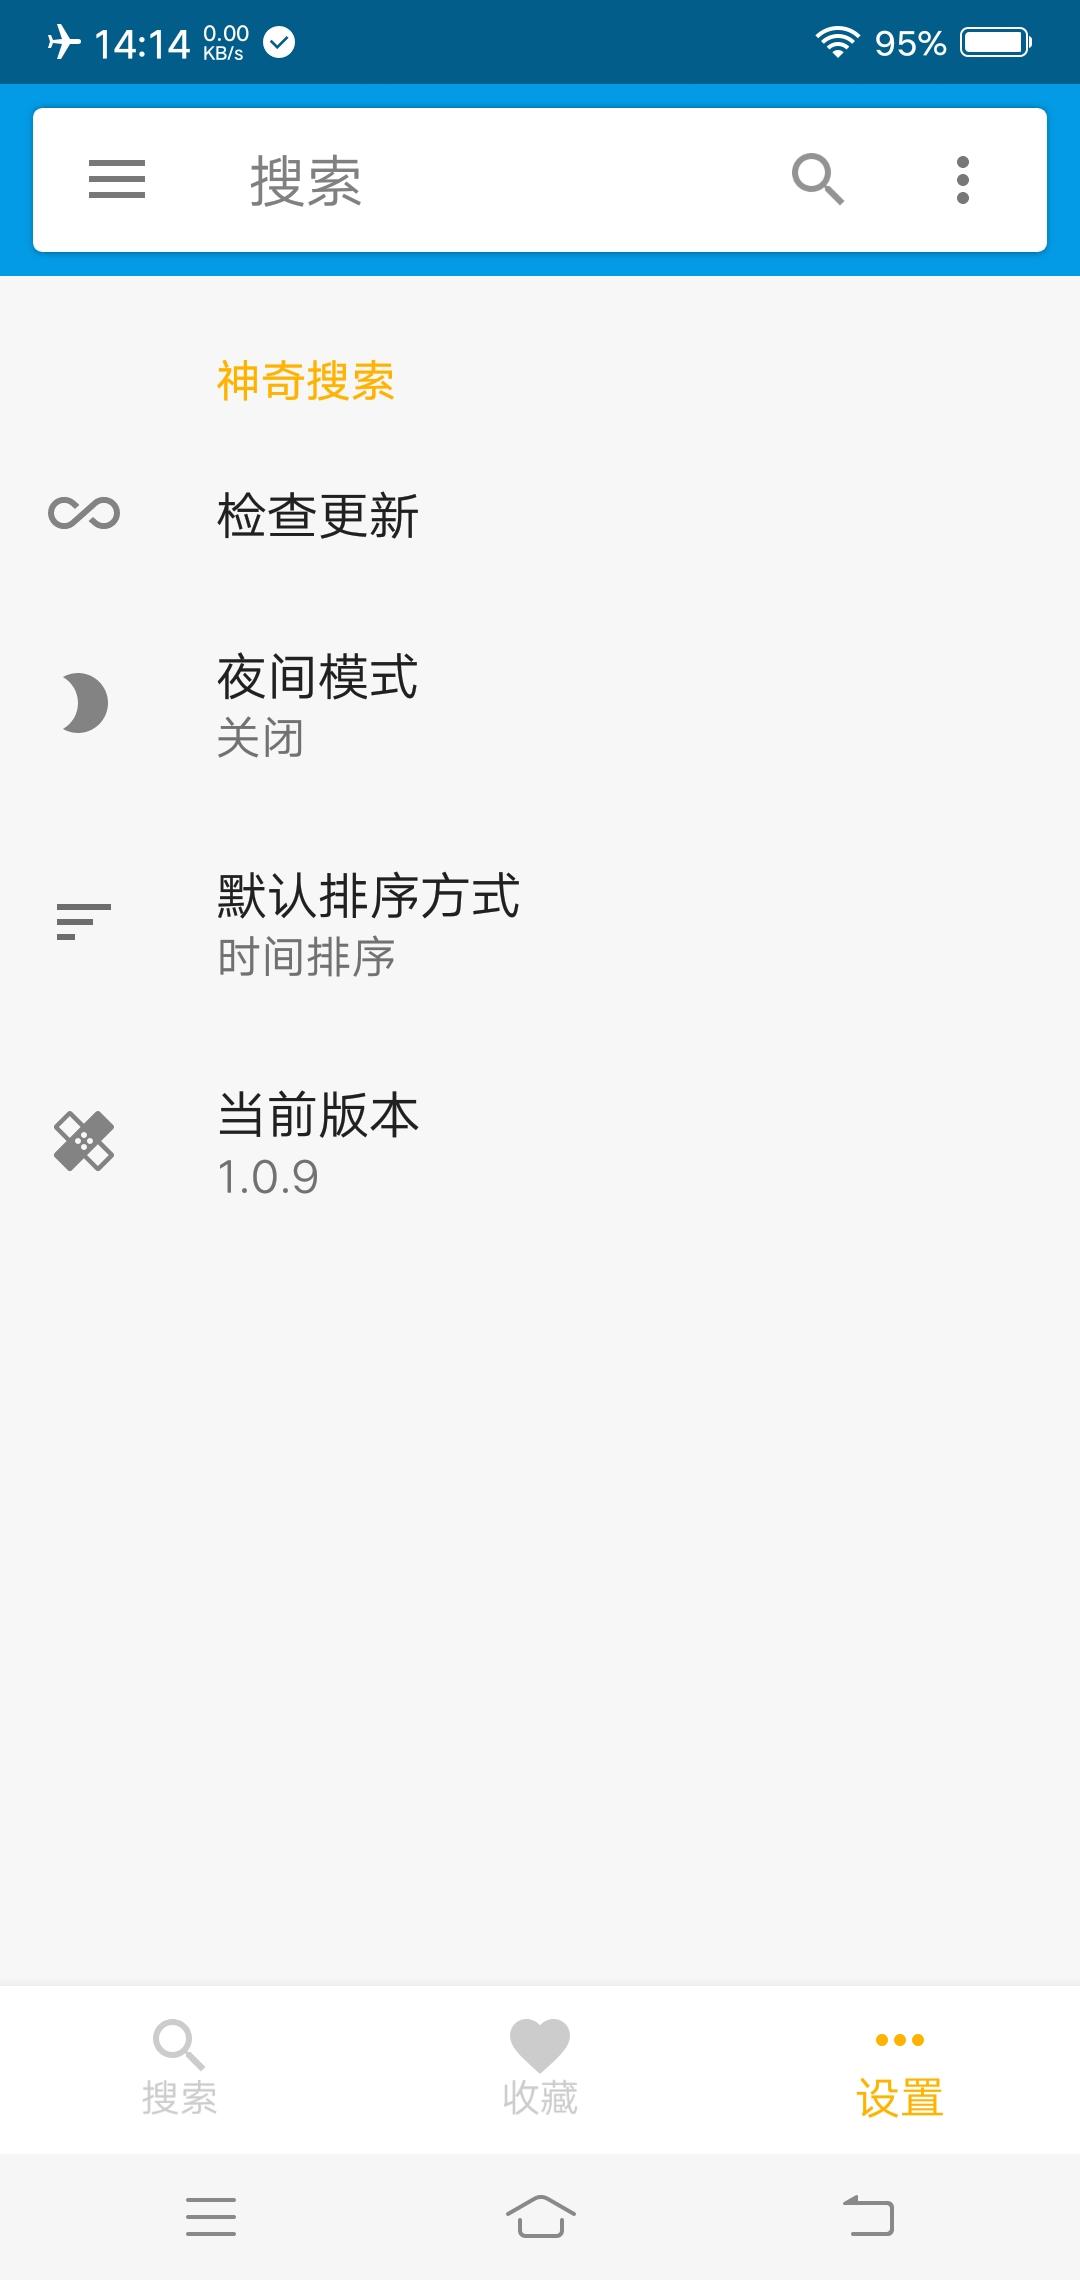 Screenshot_20190802_141423.jpg